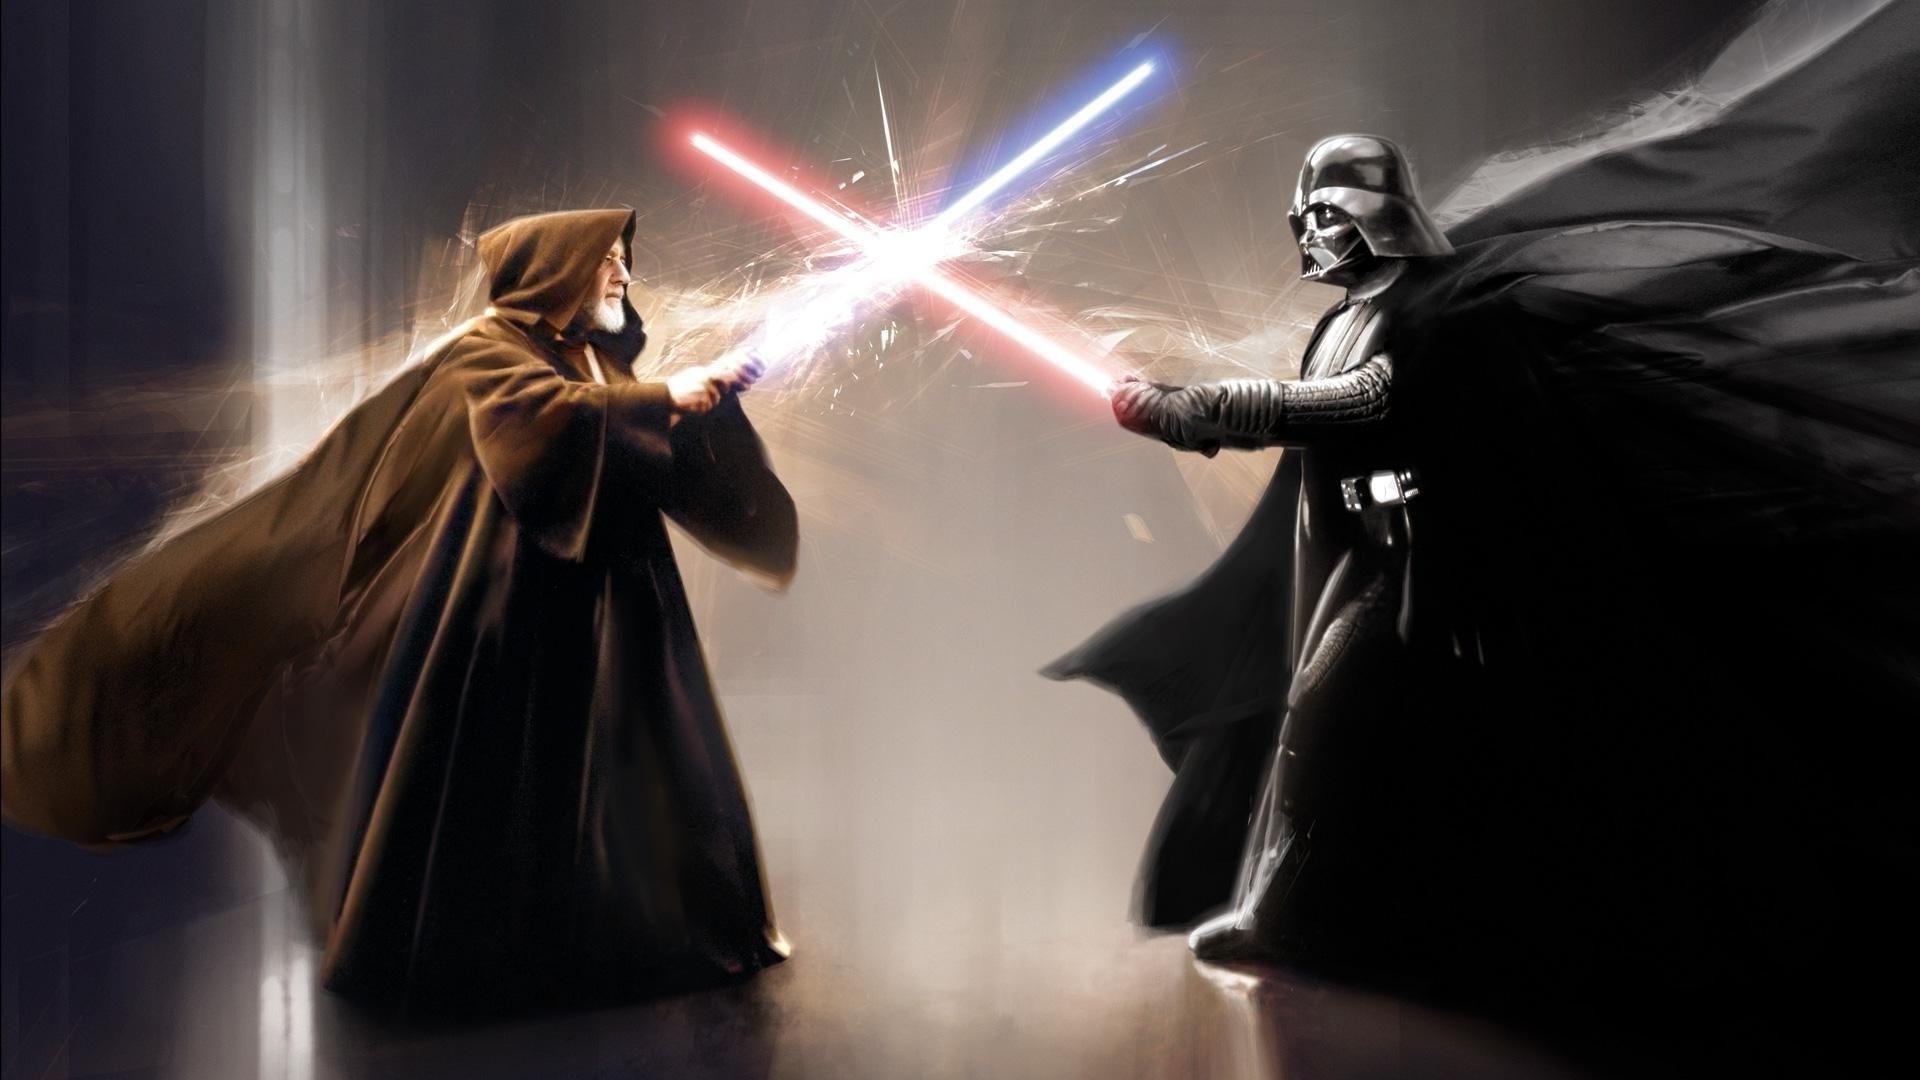 Obi Wan Kenobi Wallpaper 61 Images